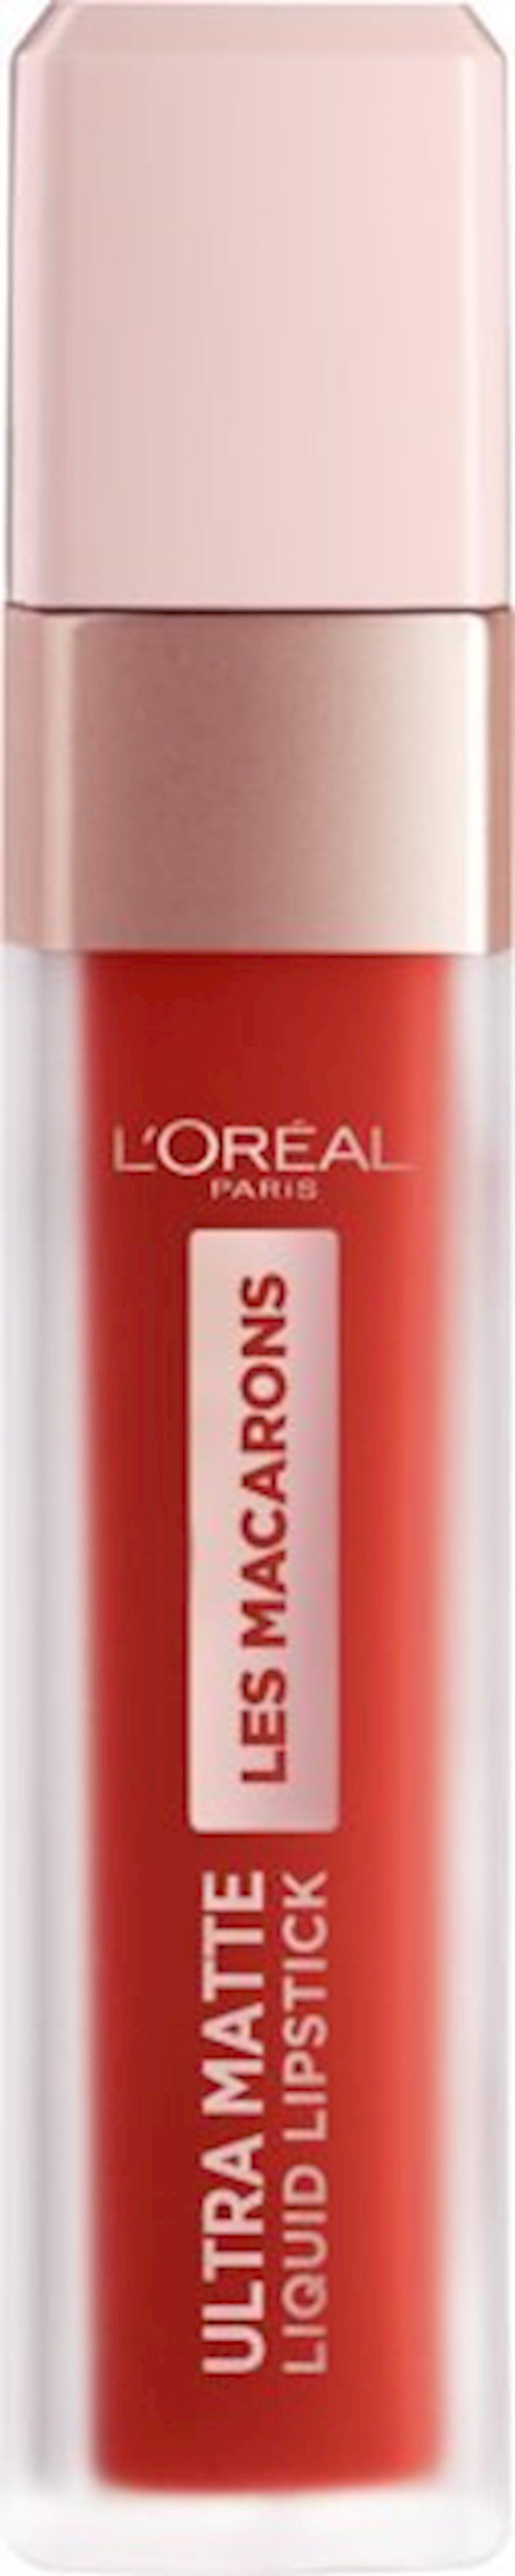 Dodaq üçün maye pomada L'Oréal Paris ultra matlaşdırıcı Les Macaron 832 Strawberry Sauvage, 7.6 ml